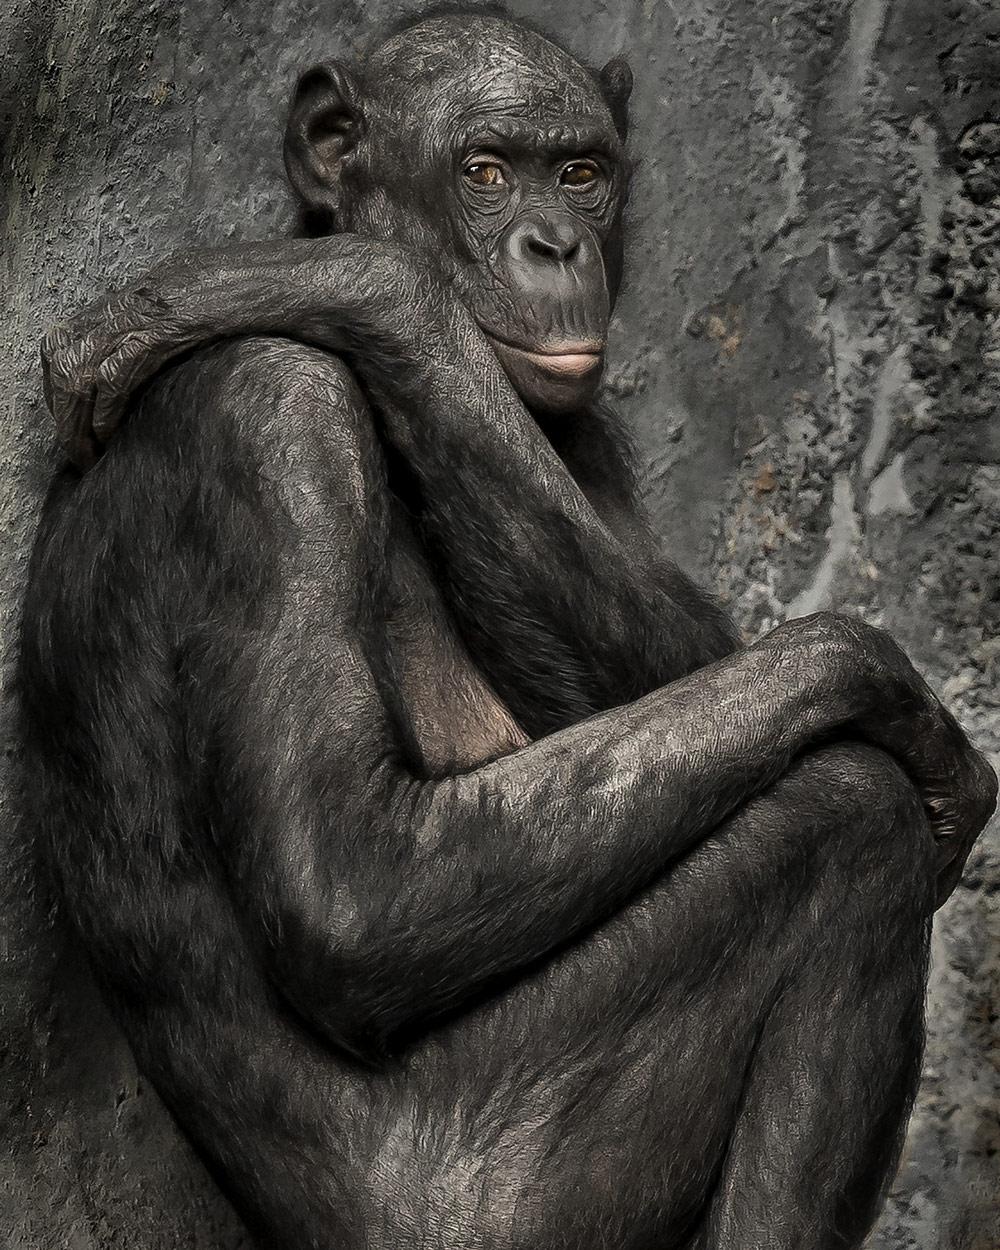 Я не такой, как ты!, © Стив Леймберг, Амелия-Айленд, Флорида, США, Финалист категории «Любитель: Портреты животных», Конкурс портретной фотографии «Лица»